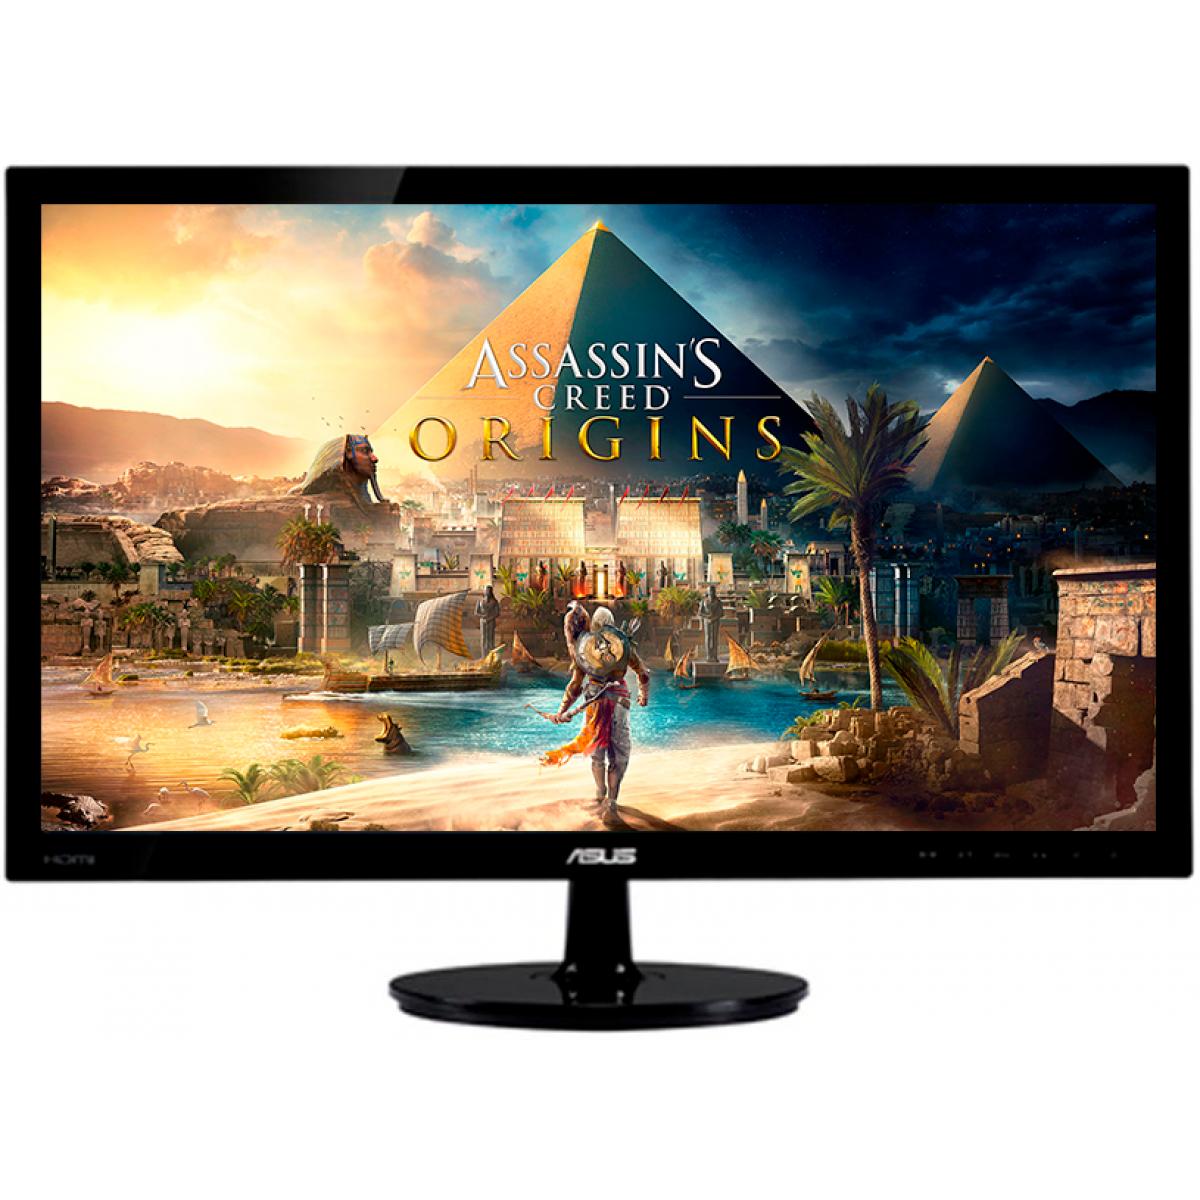 Monitor Gamer Asus 24 Pol, Full HD, VS248H-P